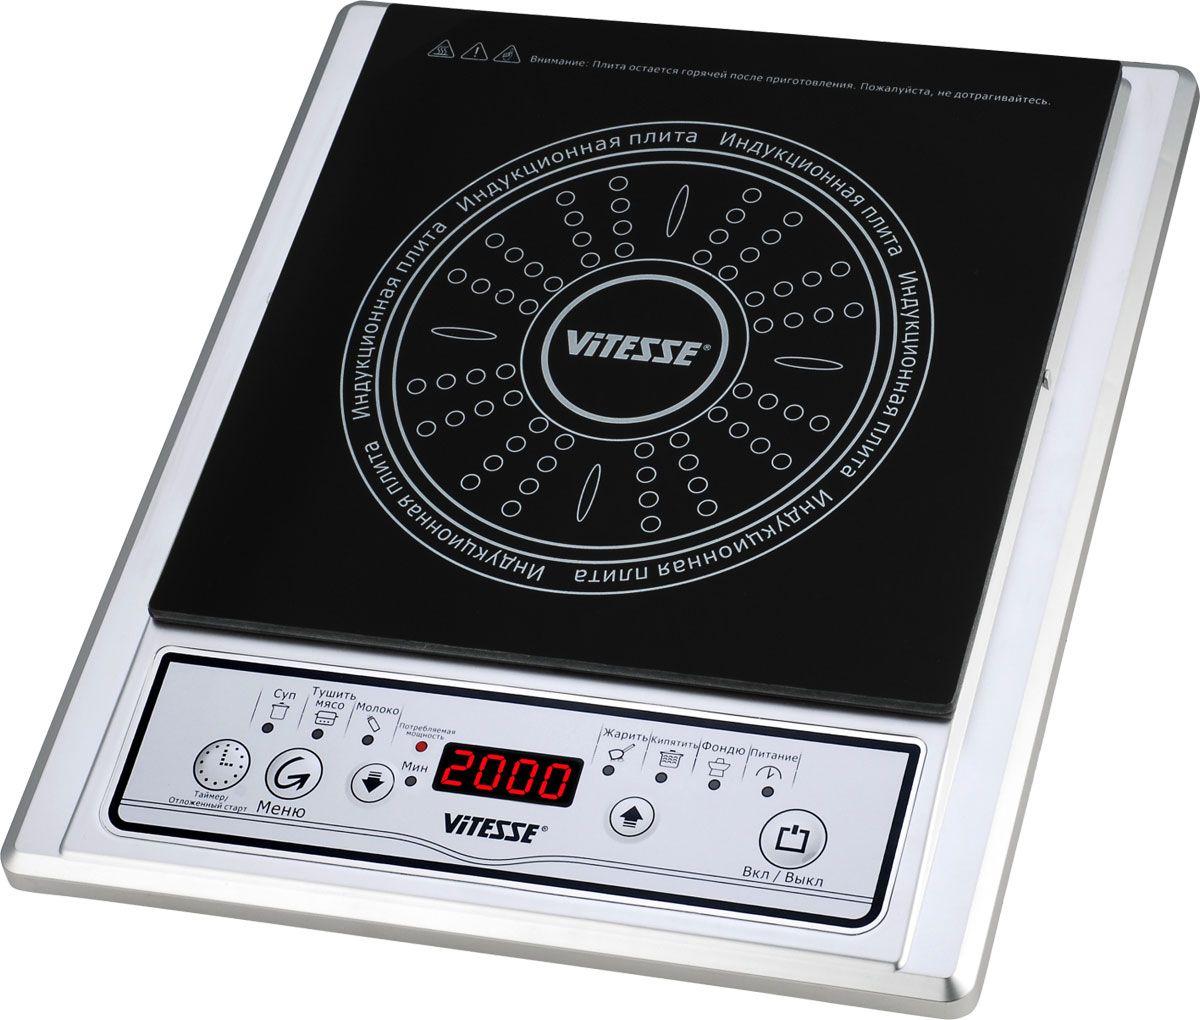 Vitesse VS-514, плитка индукционнаяVS-514Индукционная плита Vitesse VS-514 создана в помощь молодой хозяйке. За счет плоского стеклокерамического покрытия плита легко моется. Регулировка постоянной мощности и температуры на дисплее поможет не испортить приготавливаемые блюда, а безопасность обеспечит функция автоматического отключения.